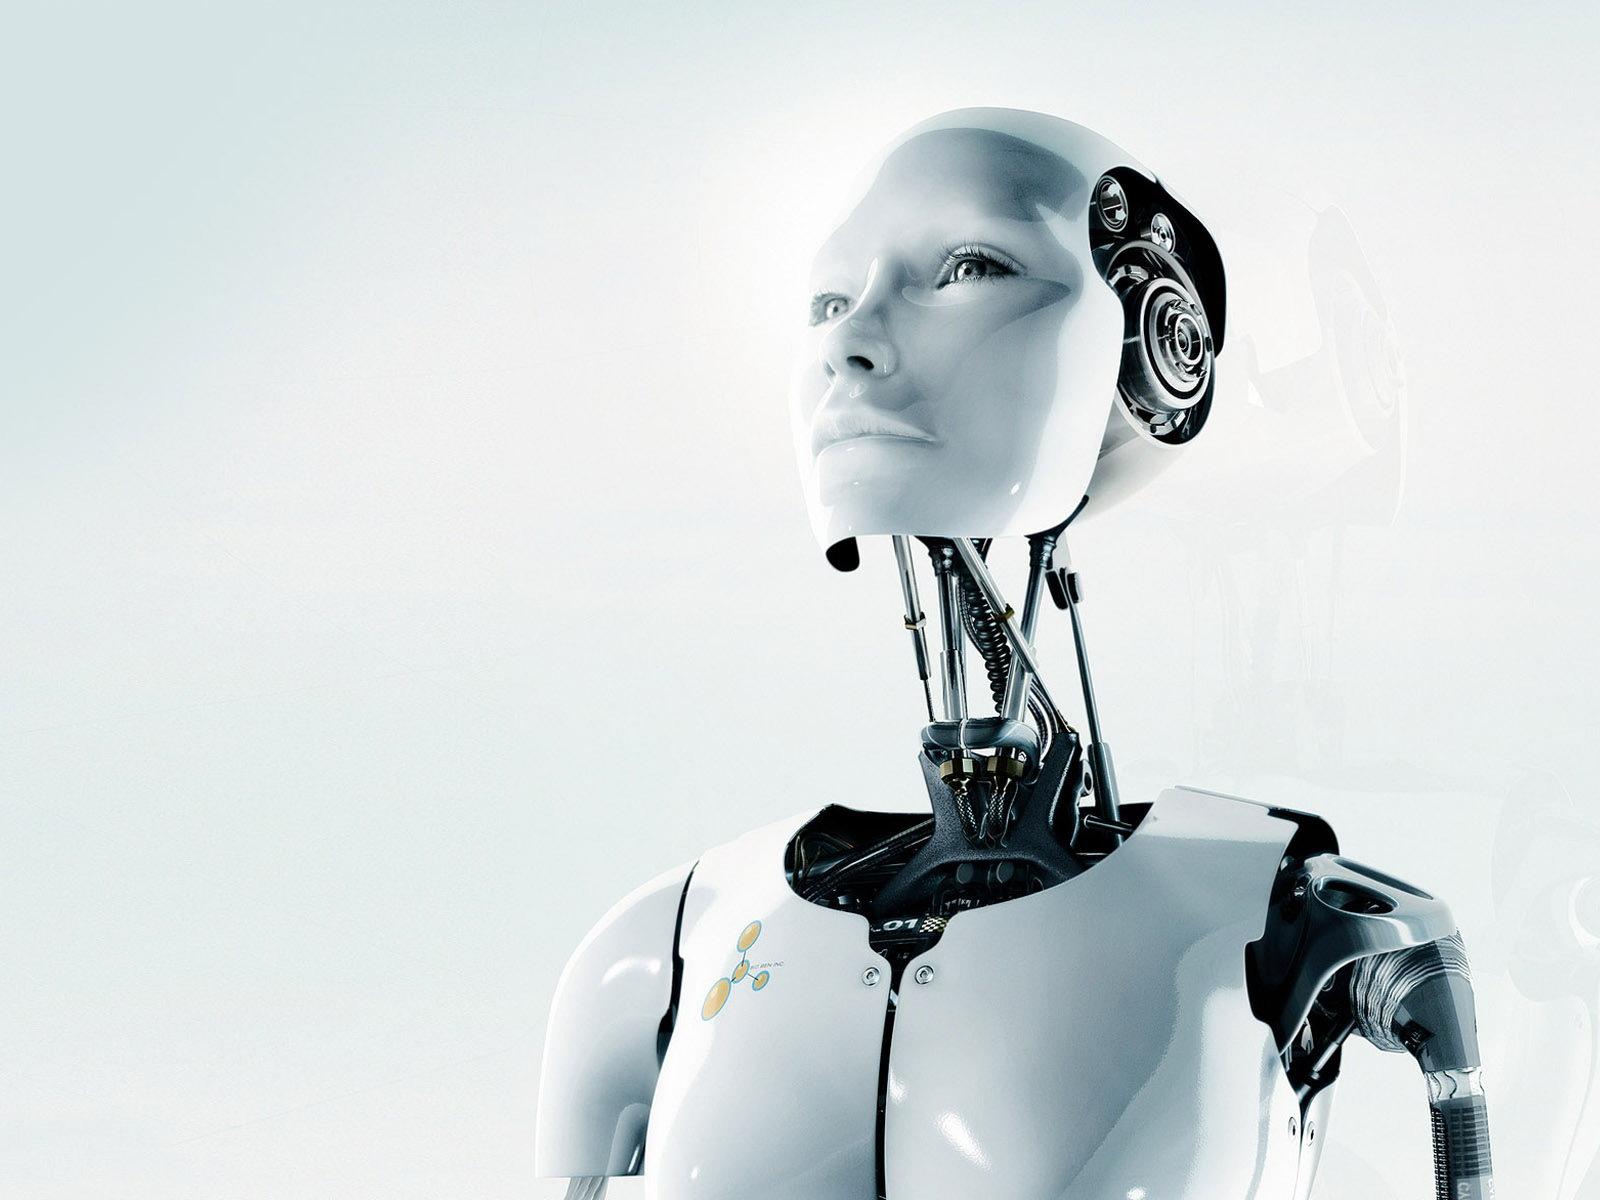 роботы картинки на комп полублагоустроенные